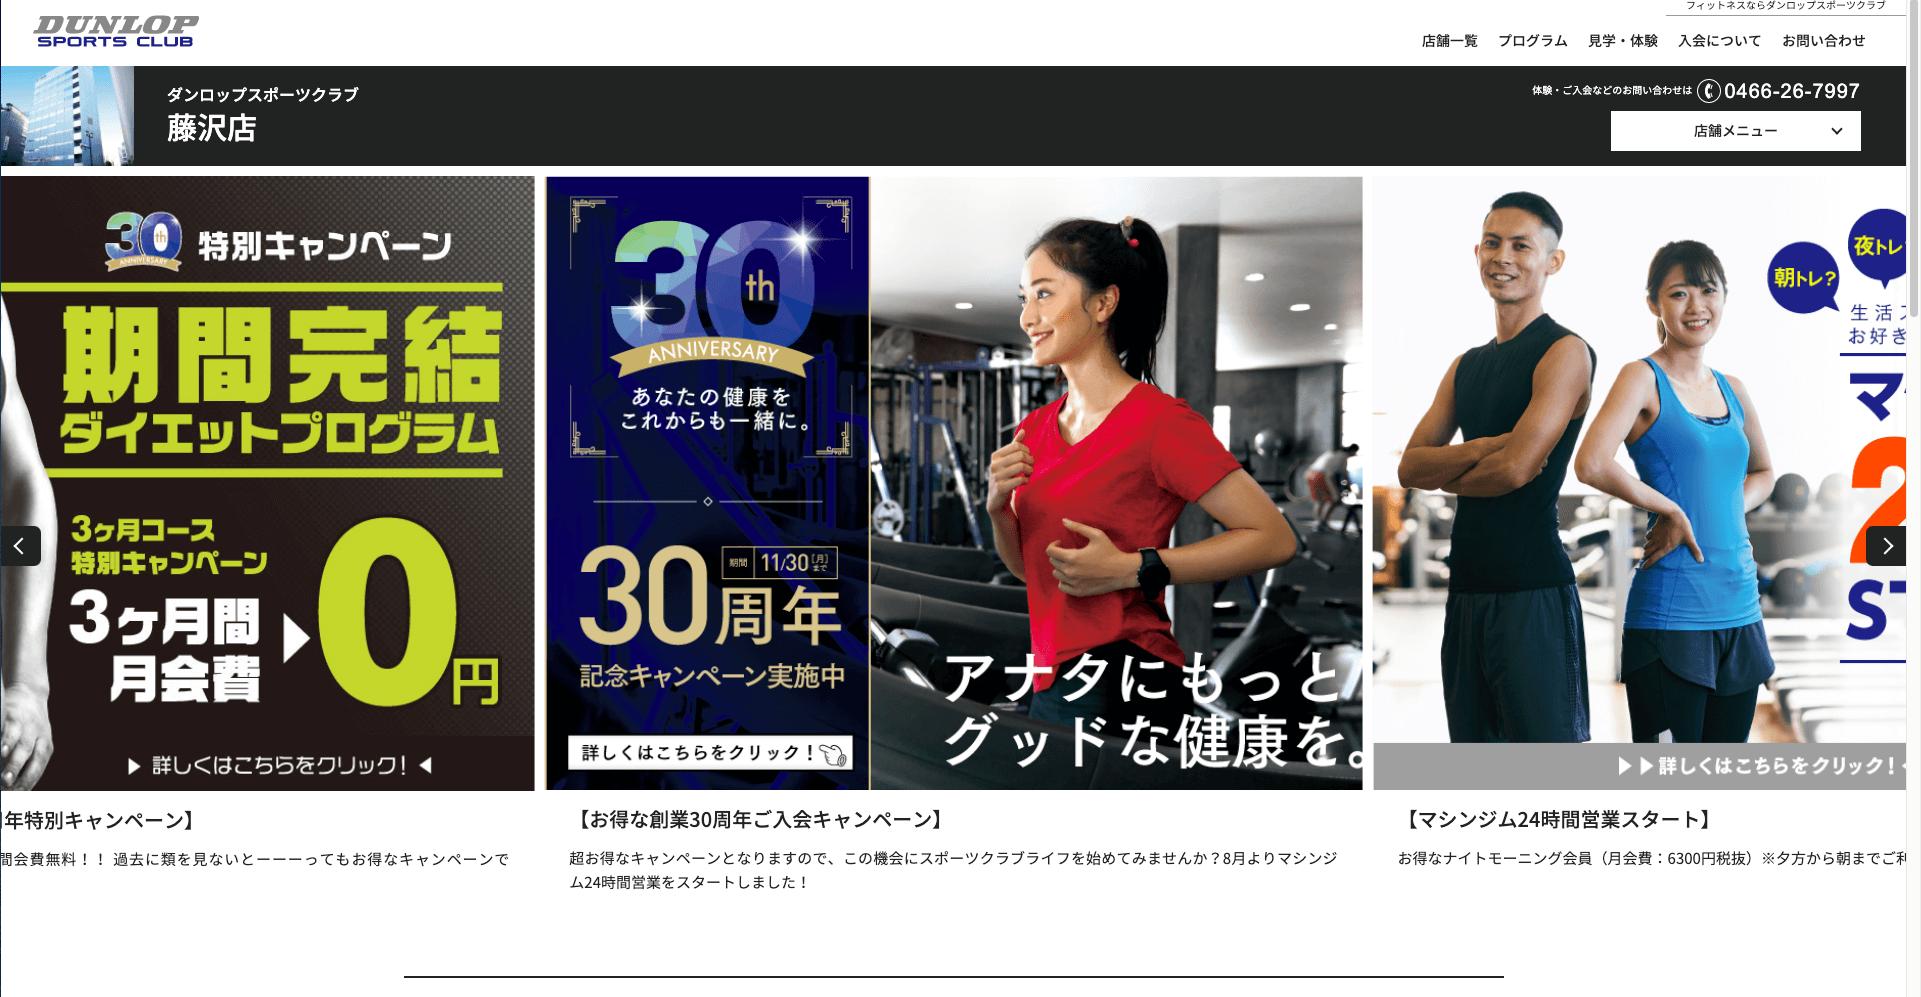 ダンロップスポーツクラブ藤沢